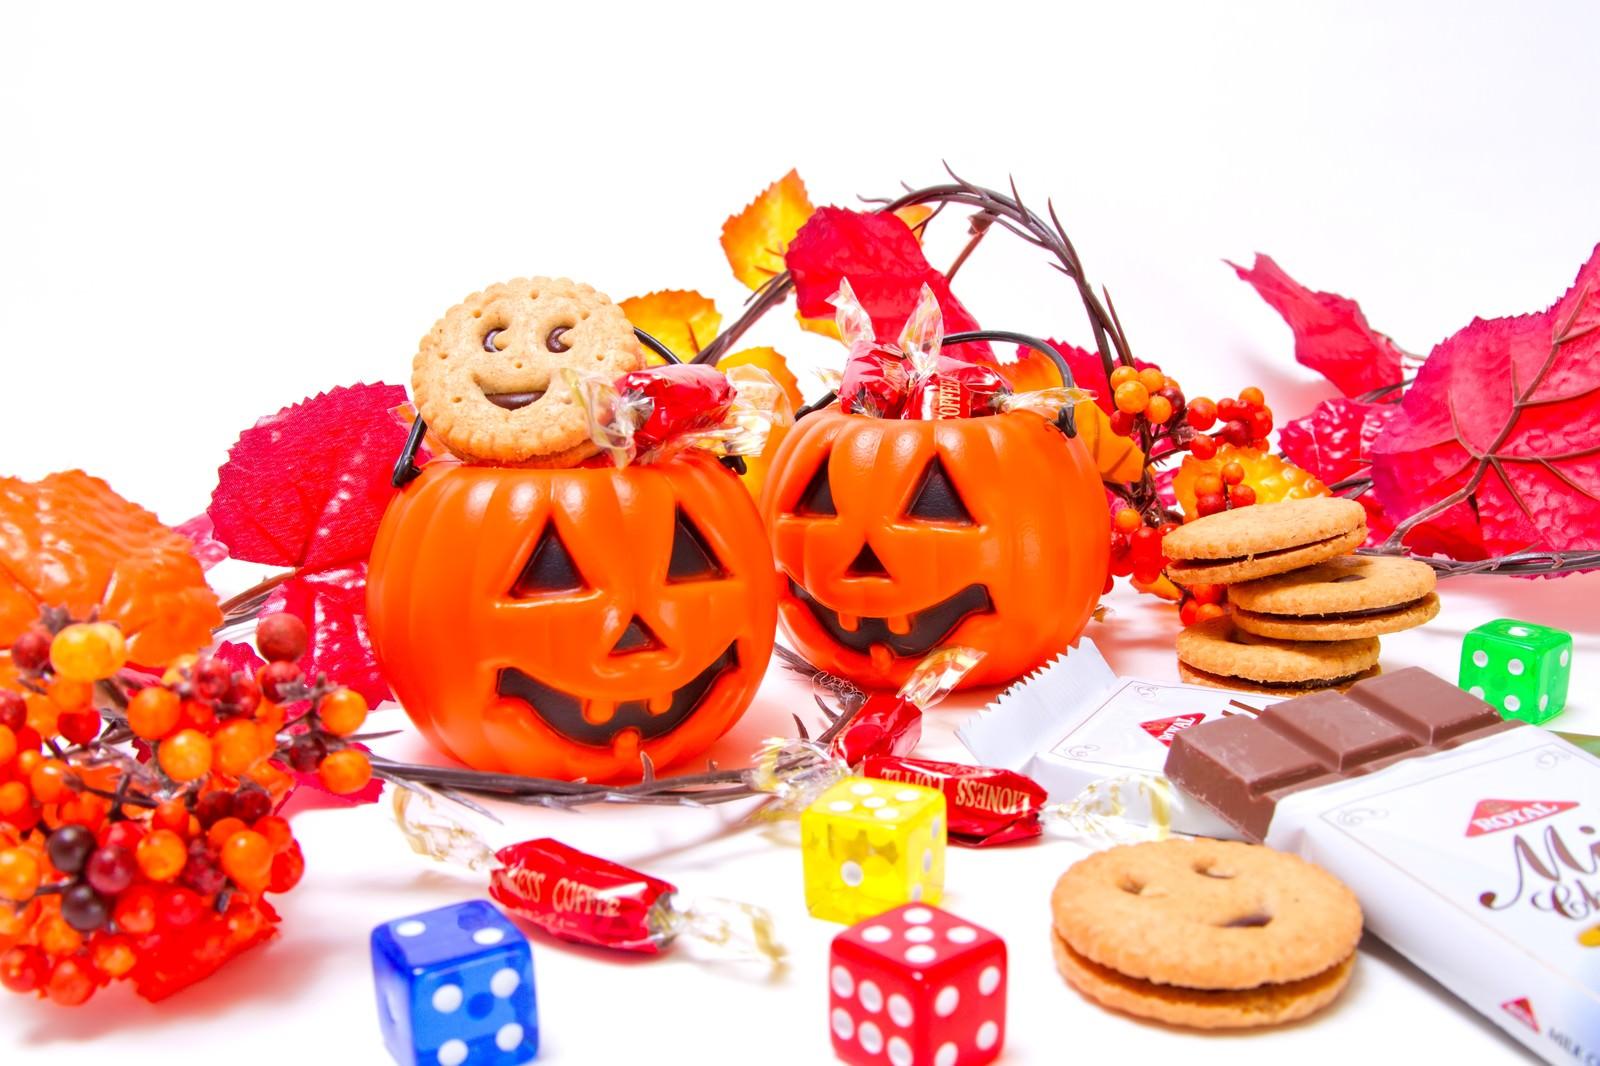 「おばけのかぼちゃとお菓子」の写真